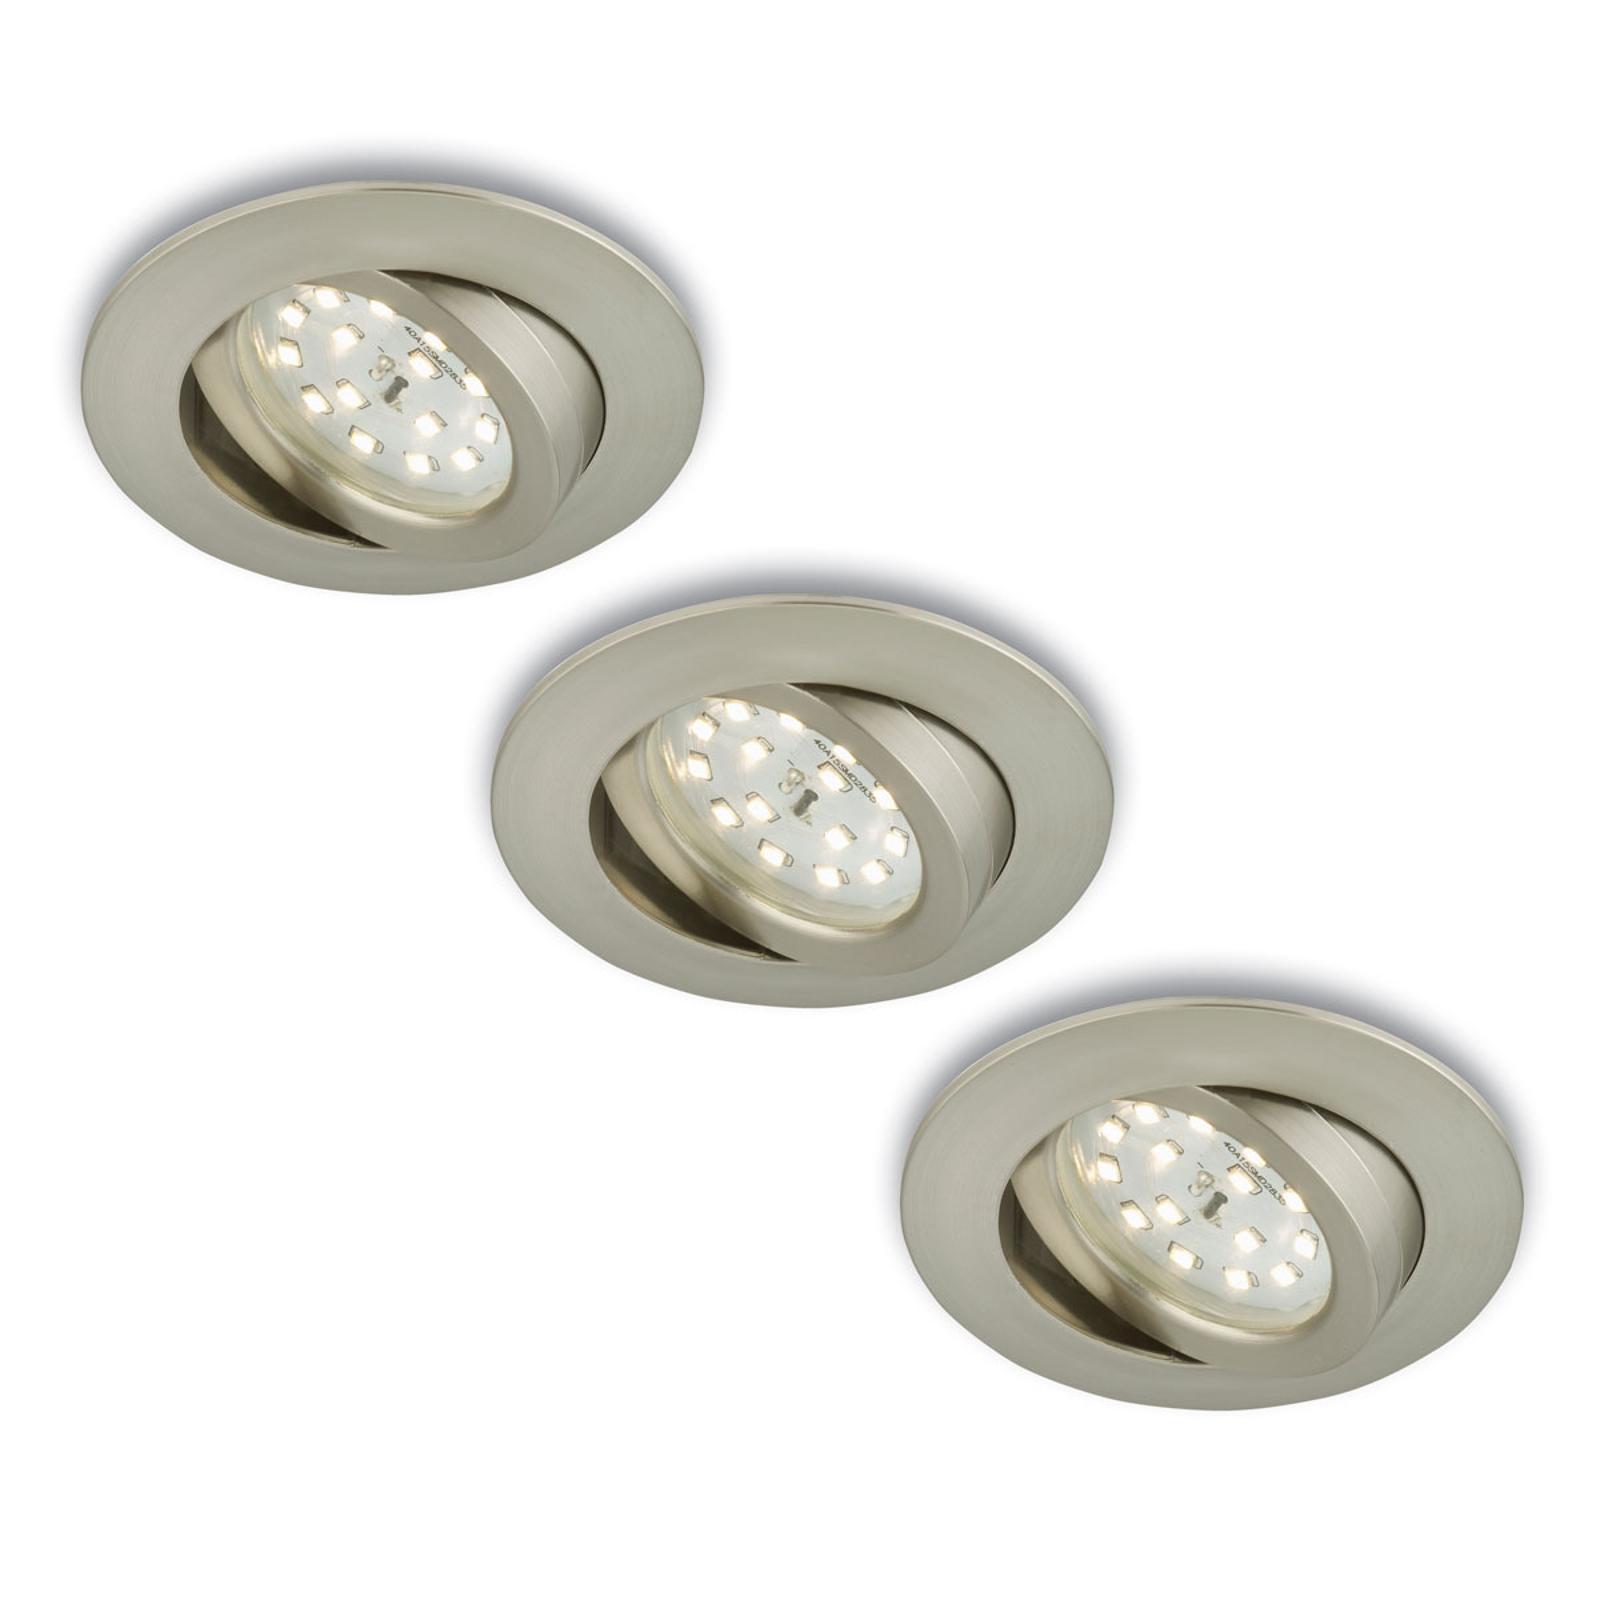 Vridbar LED-inbyggnadsspot 3-pack matt nickel